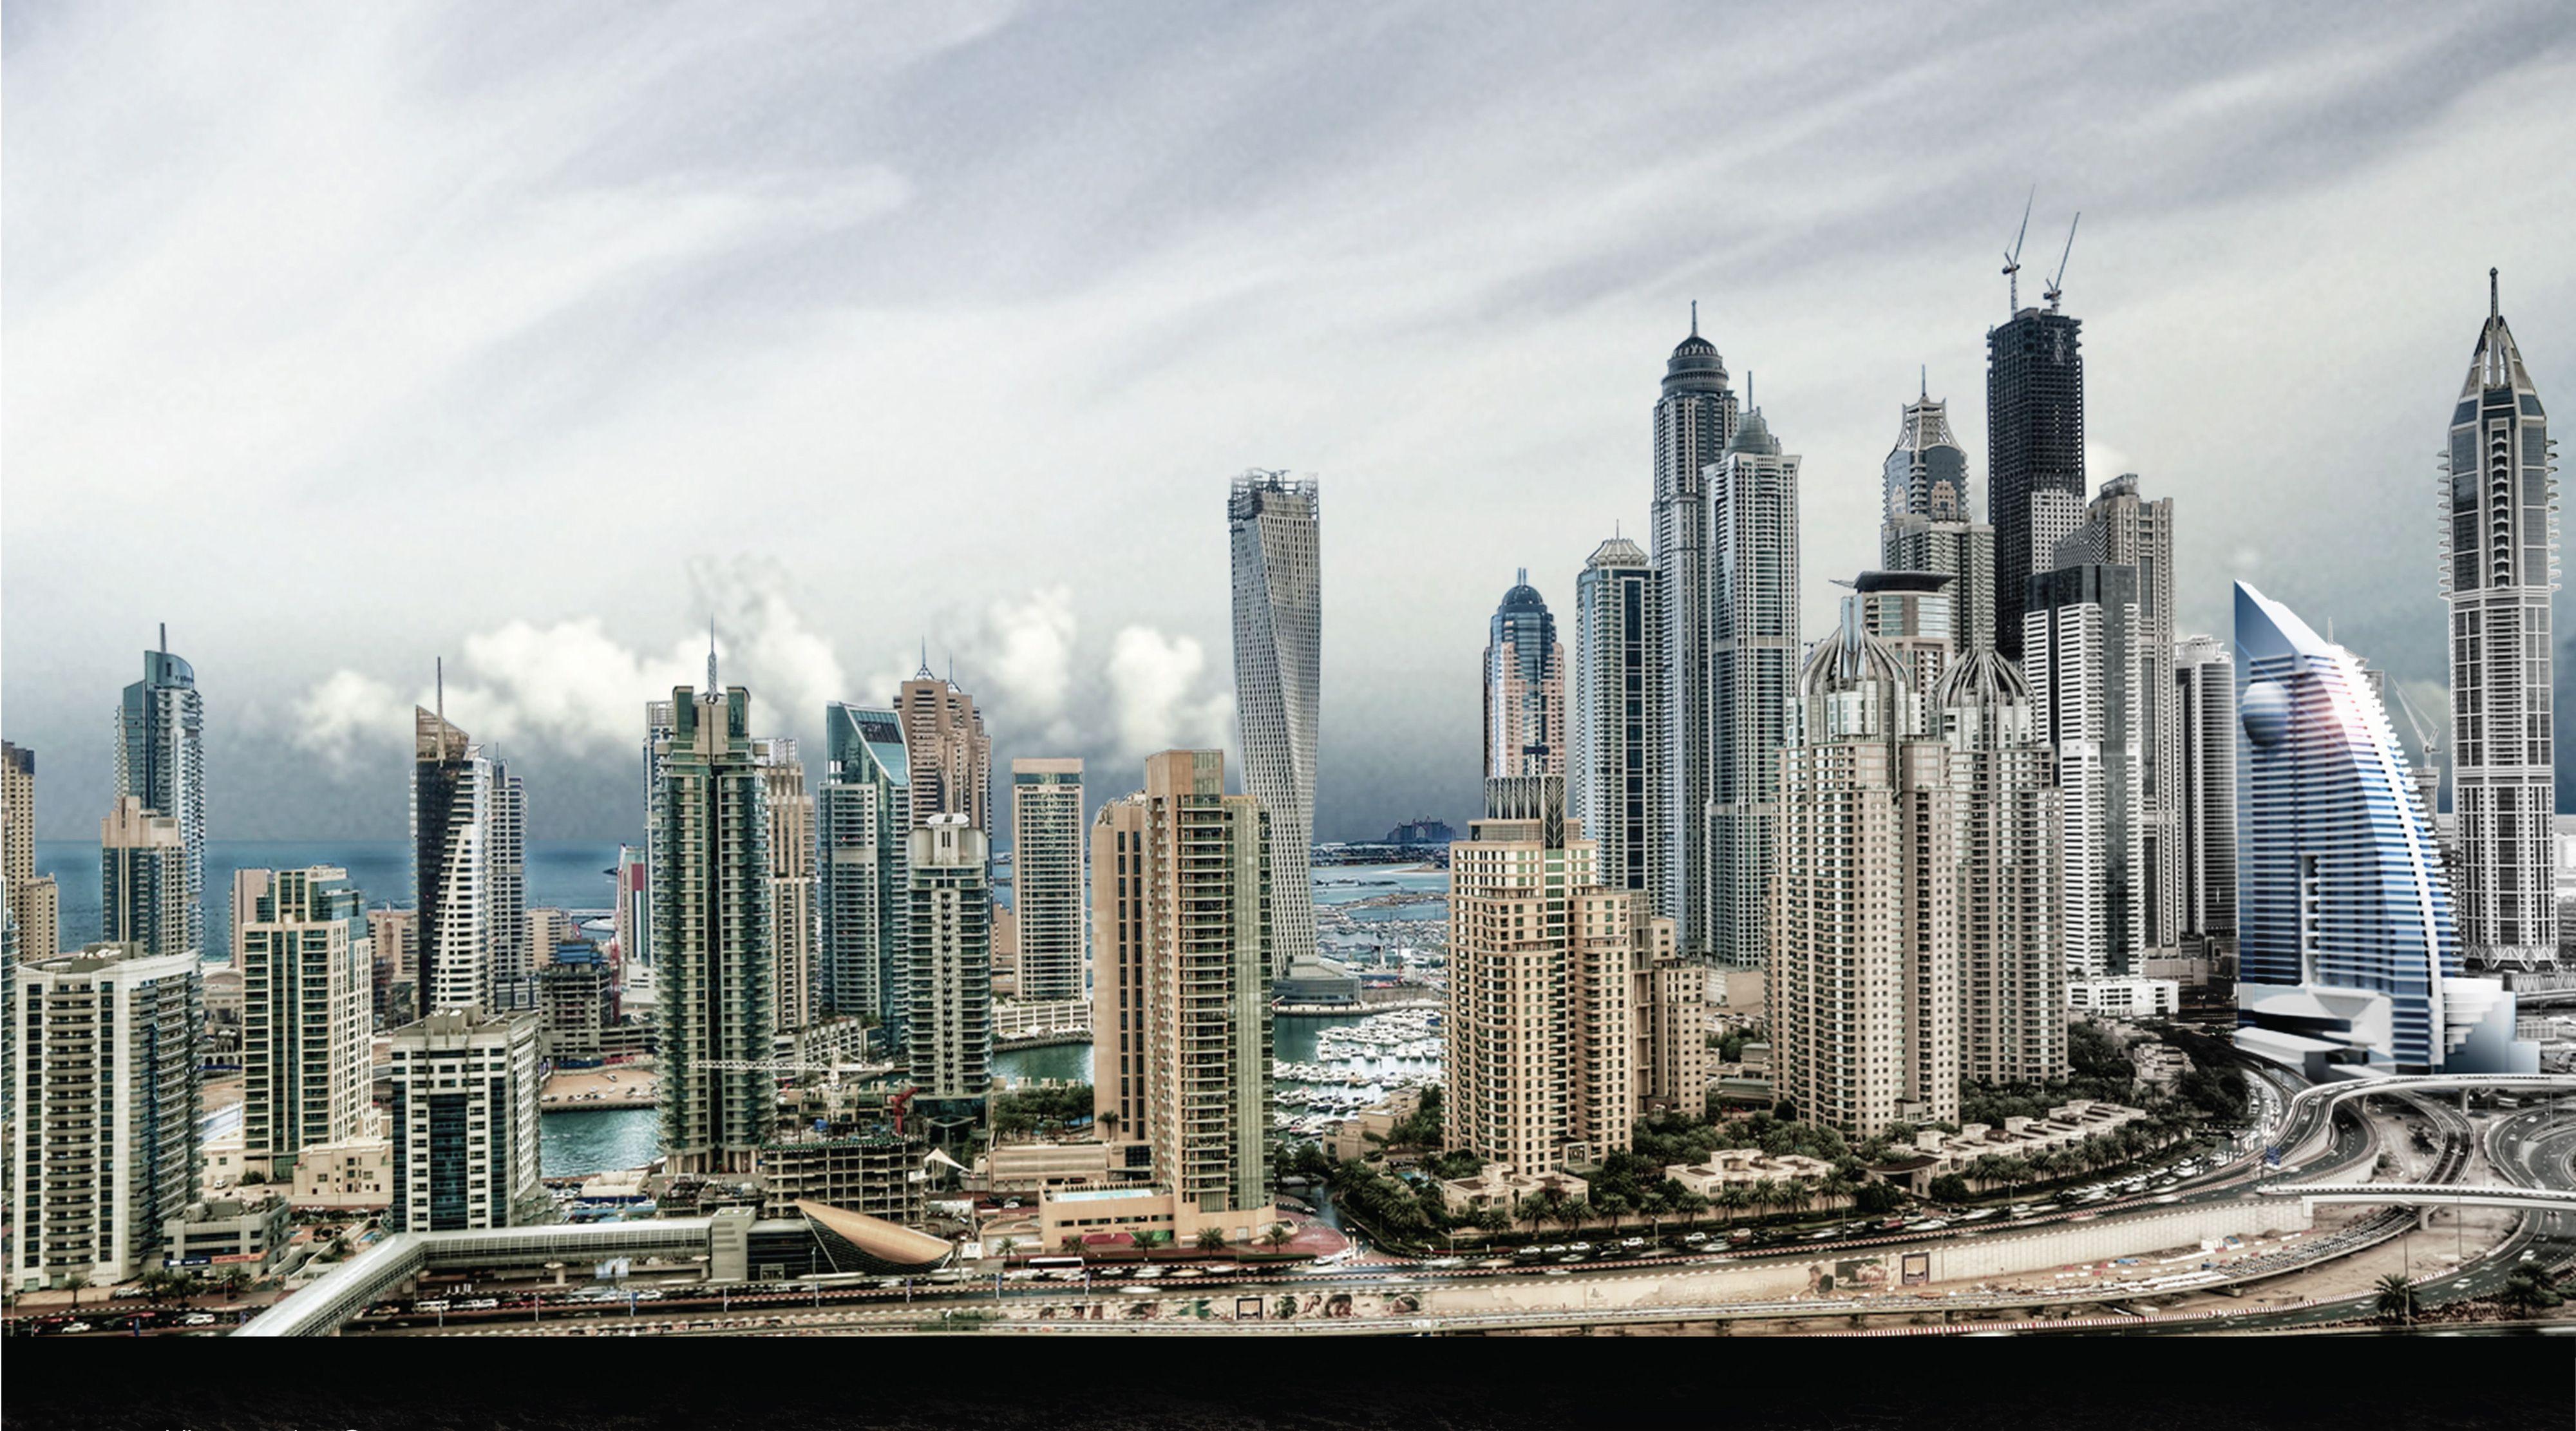 High Res Dubai Marina Wallpapers Cristina Nica Sat Aug